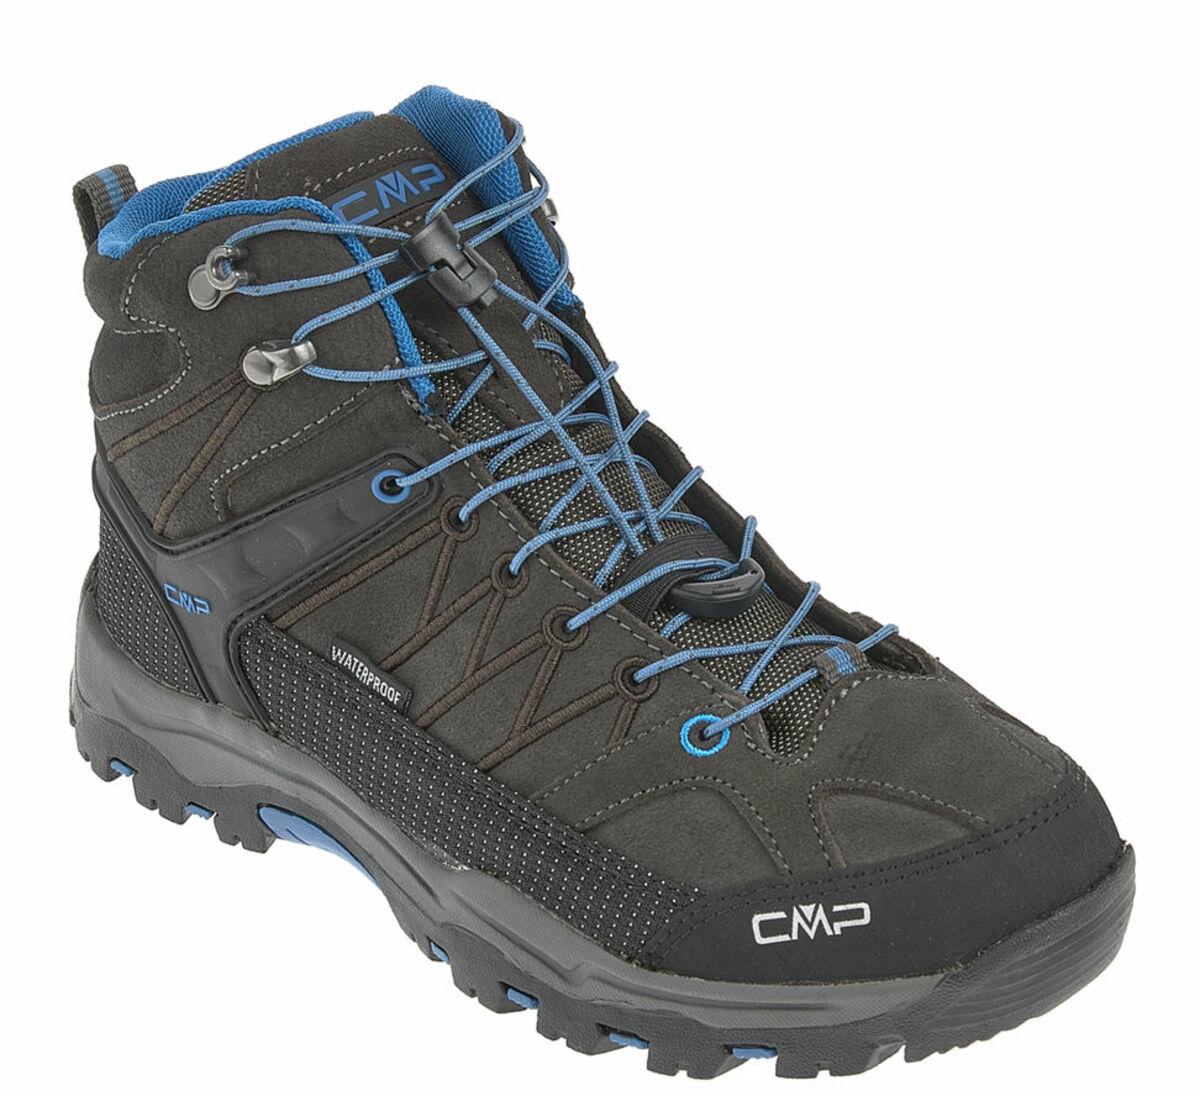 Bild 1 von CMP Trekkingschuhe - RIGEL MID TREKKING WP